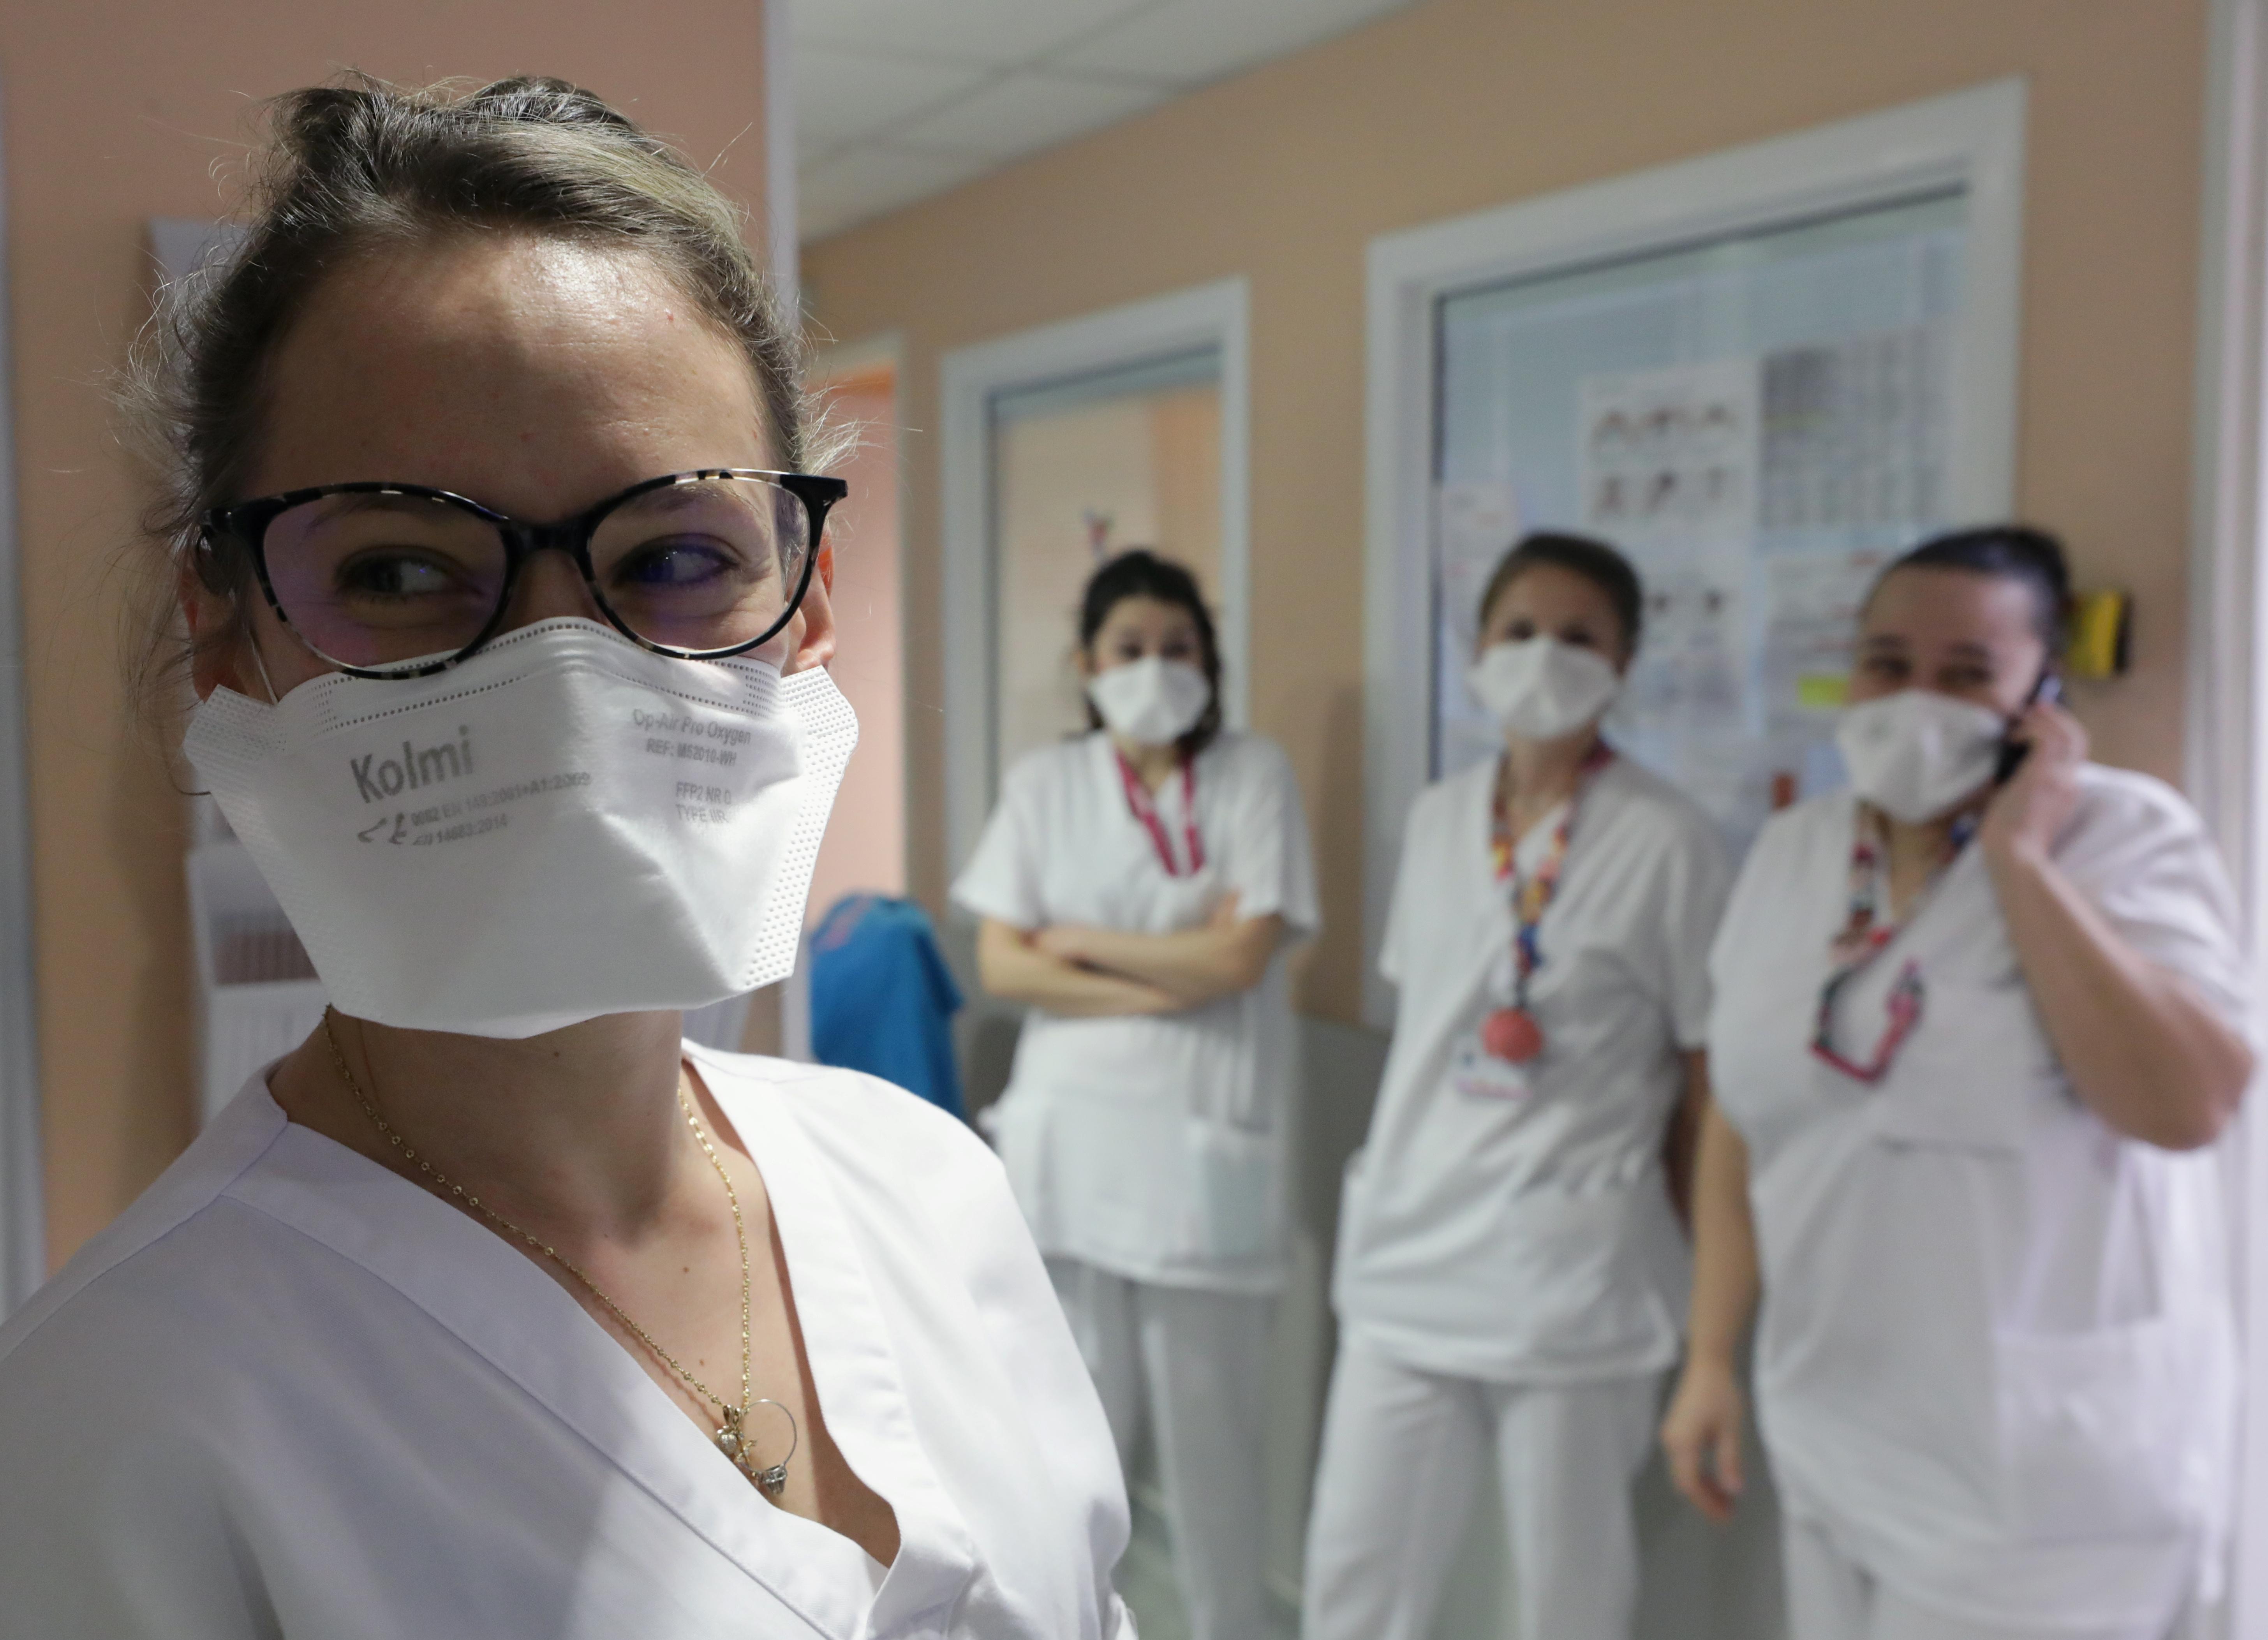 coronavirus-une-infirmiere-porte-un-masque-ffp2-dans-un-hopital-de-nice-le-5-mars-2020 20200625095429